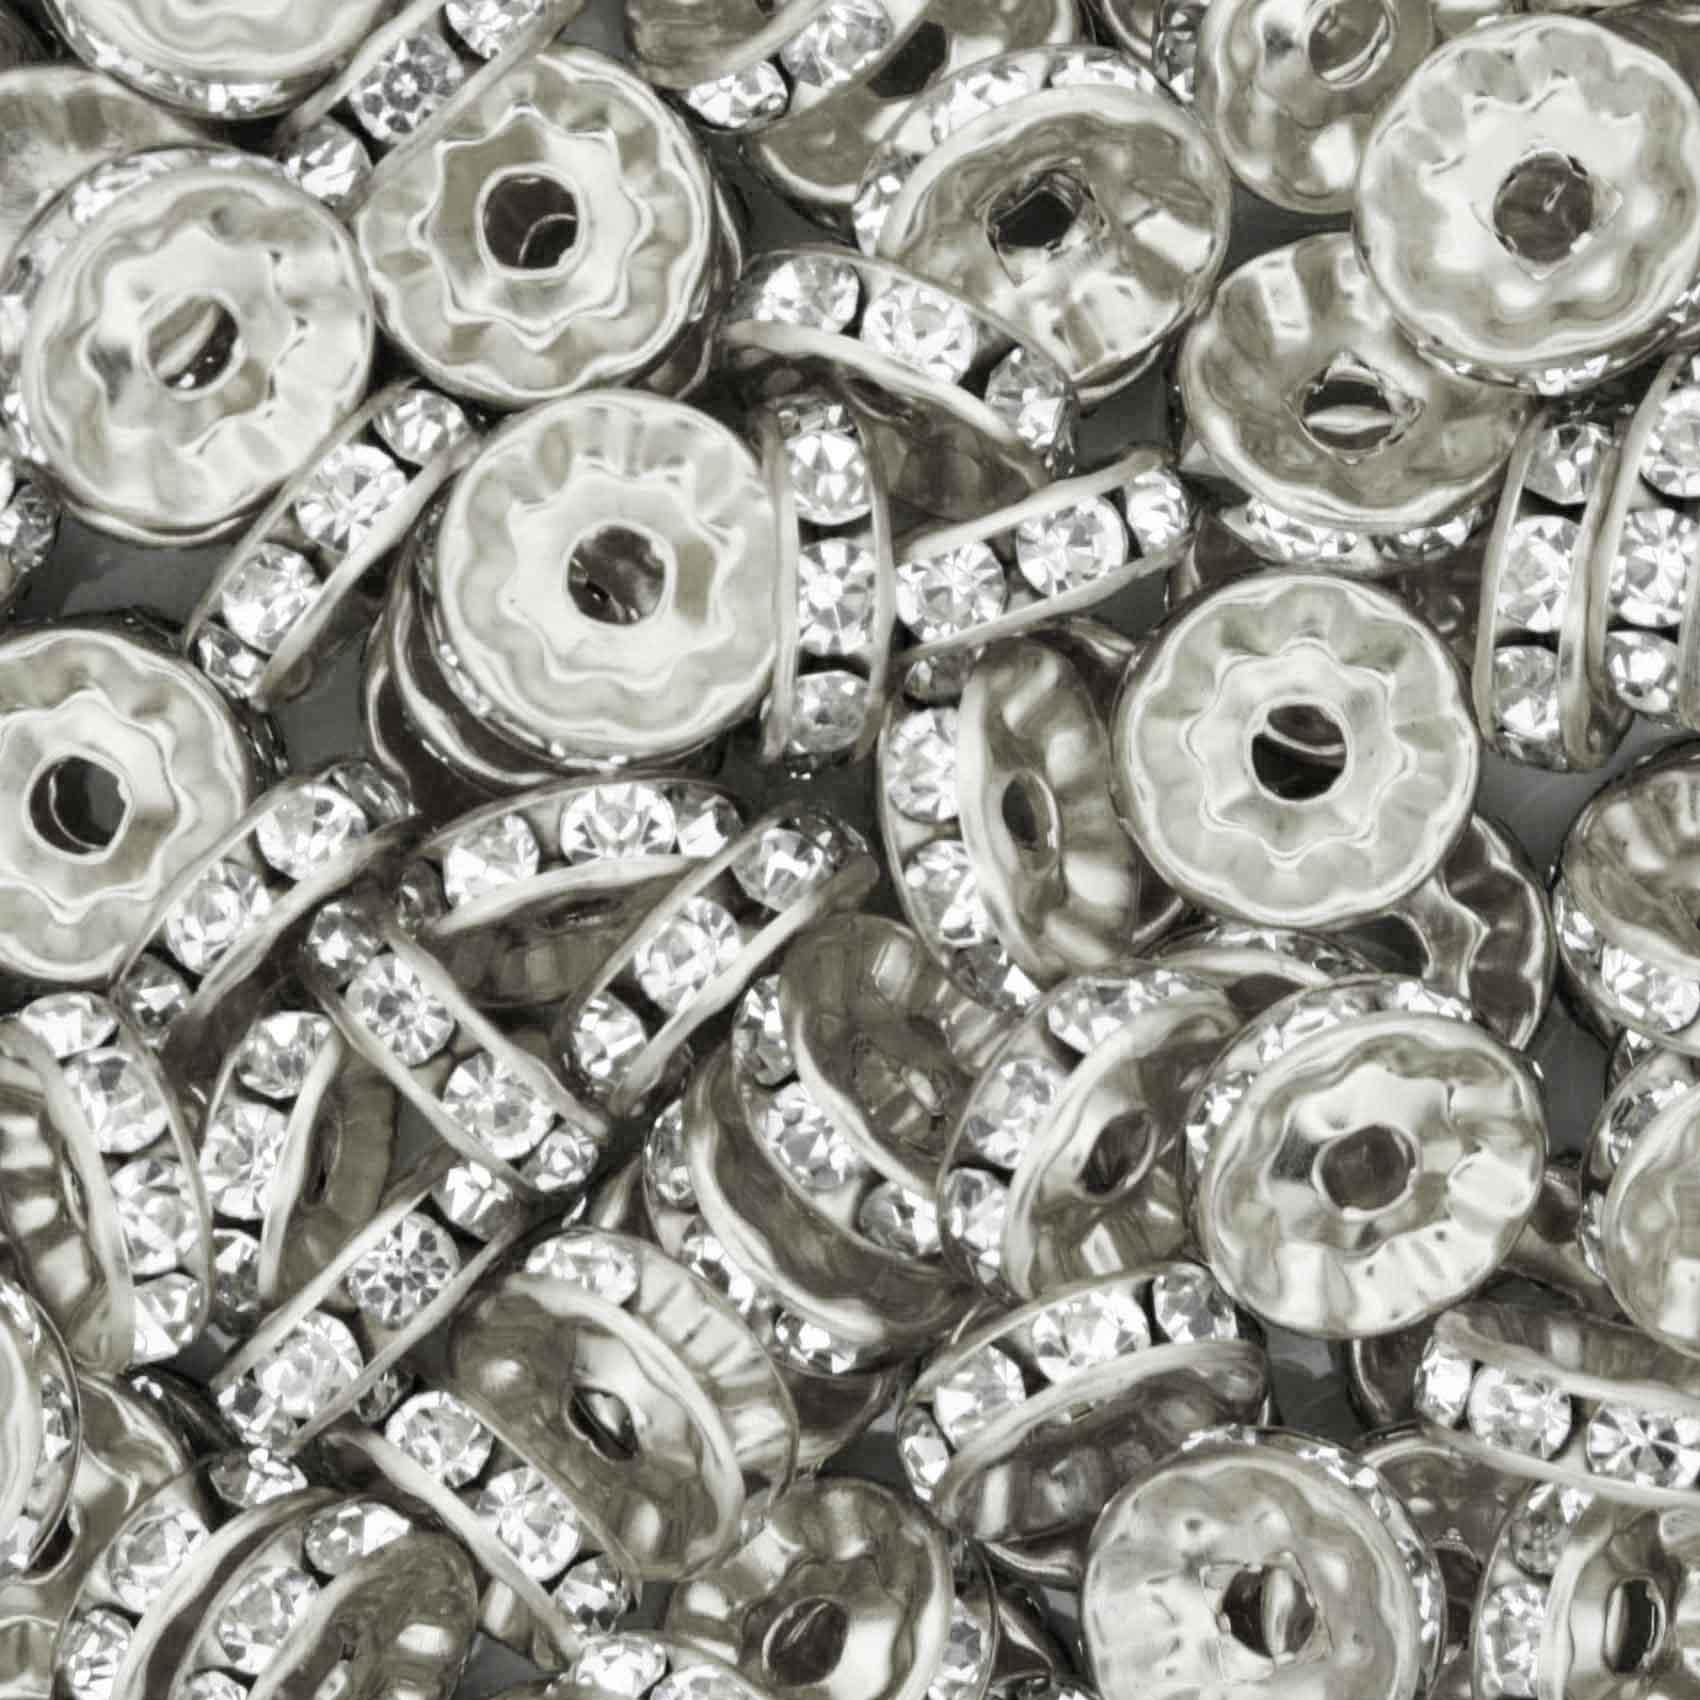 Rondela de Strass - Níquel - 10mm  - Stéphanie Bijoux® - Peças para Bijuterias e Artesanato